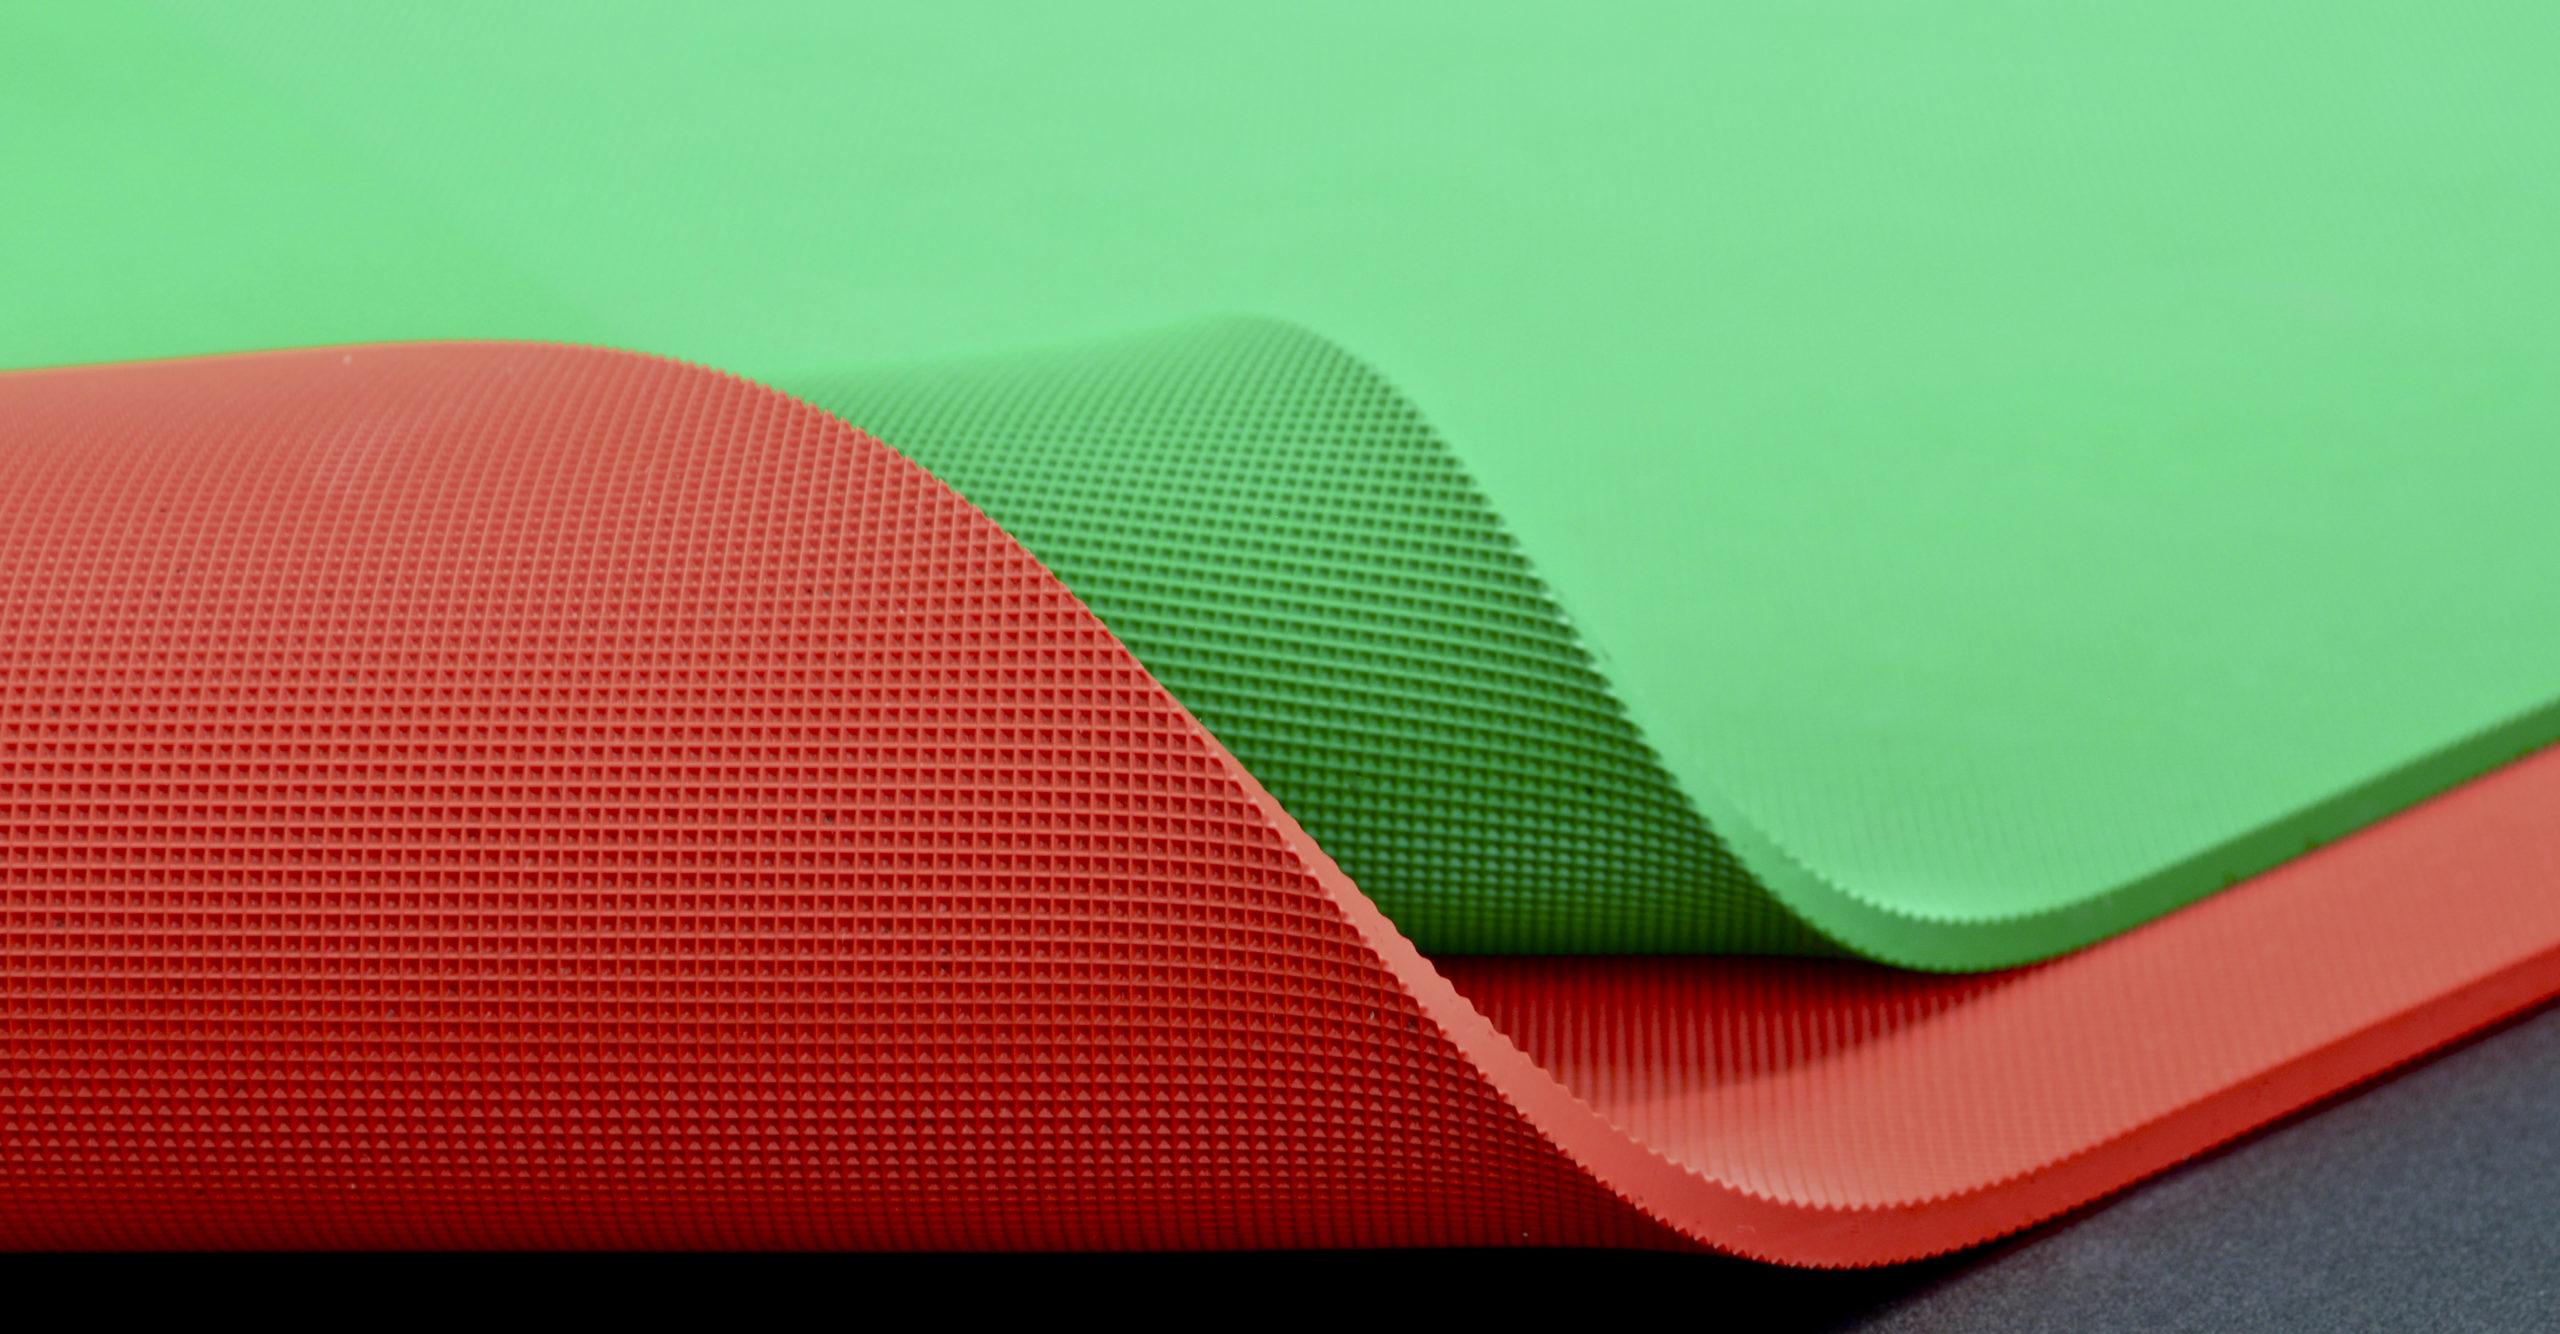 Schockabsorber aus Gummi: nora Supersorb und Orthosorb